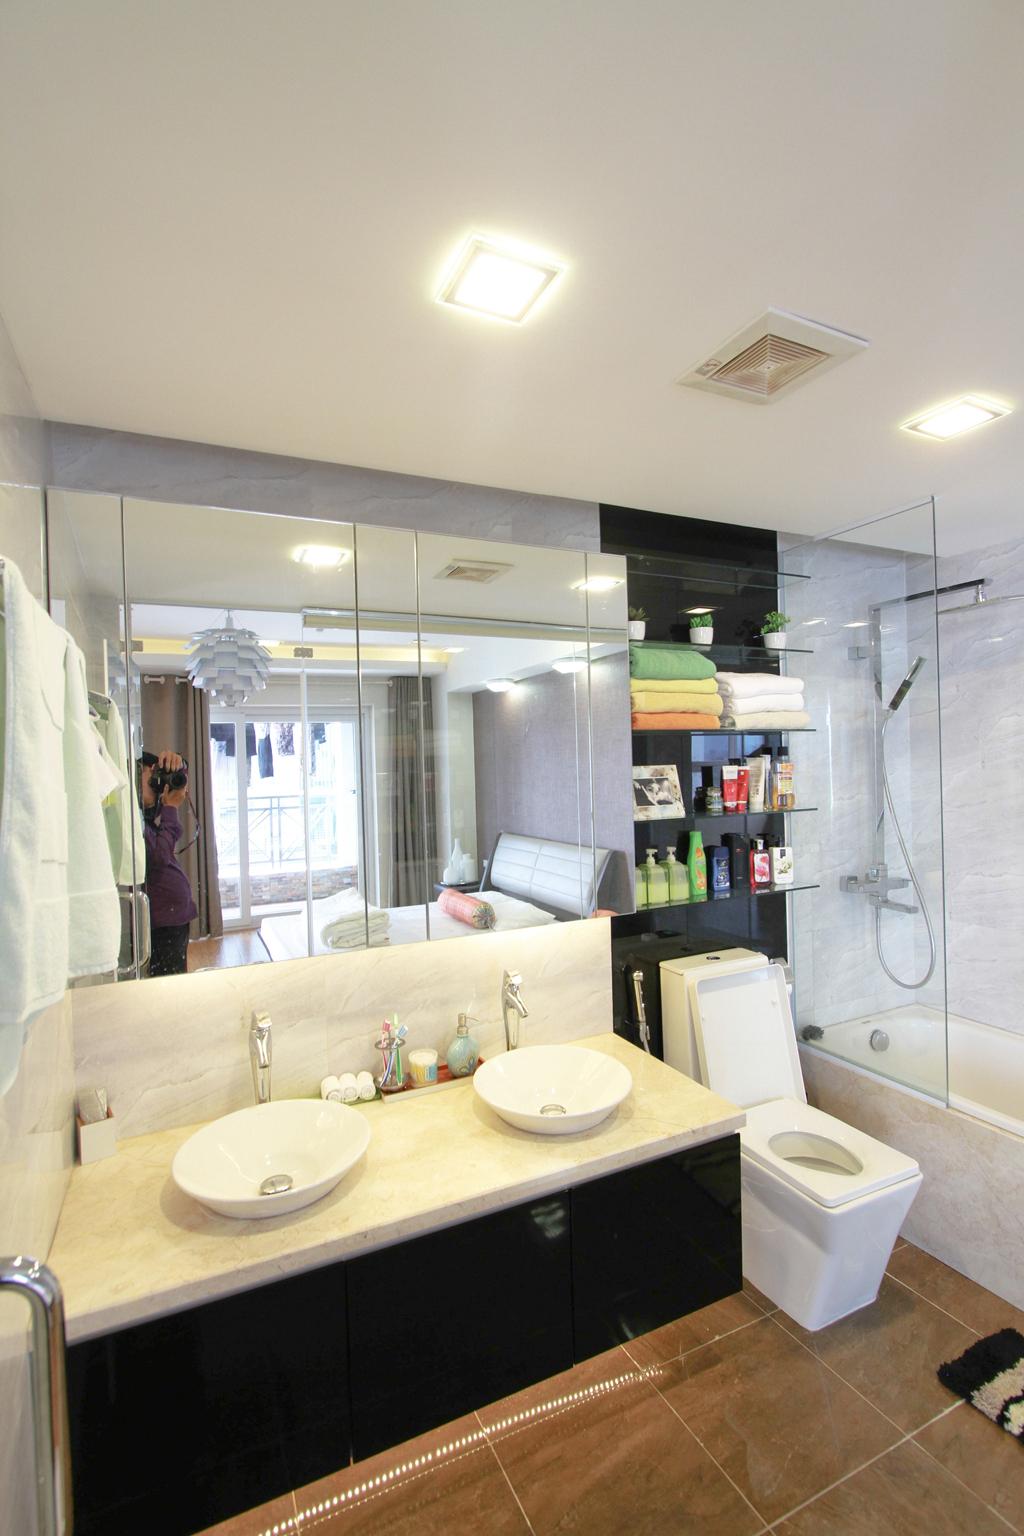 thiết kế nội thất chung cư tại Hà Nội CHUNG CƯ CHỢ MƠ 3 1570440670